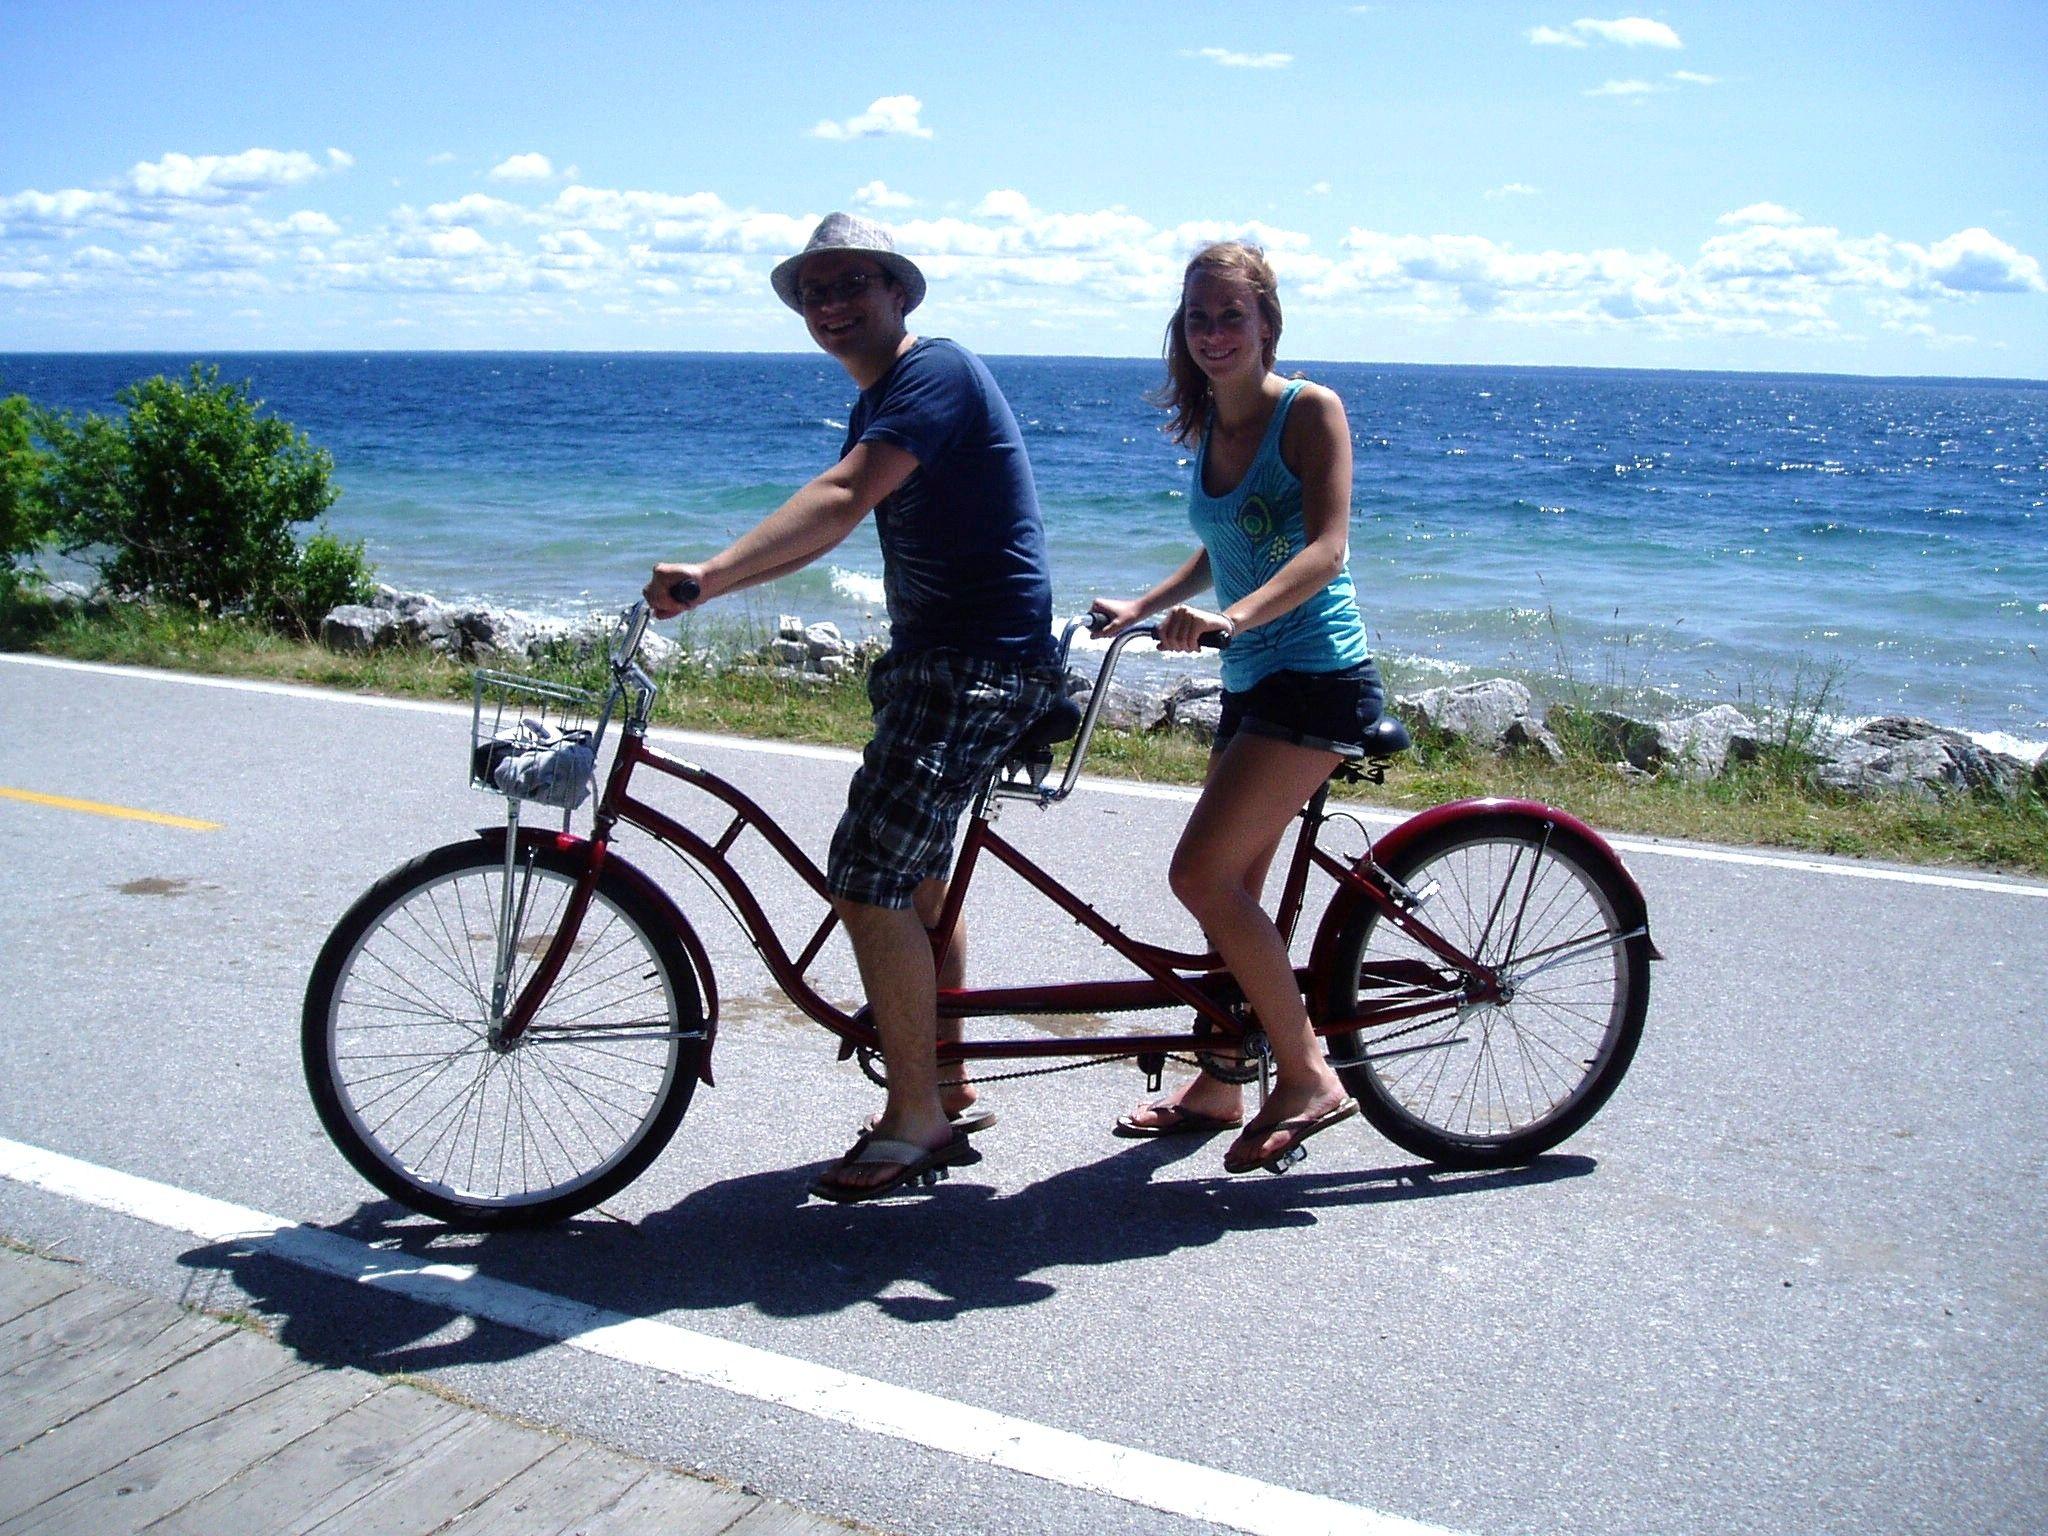 Bikes / 1st Mackinac Island Bike Culture story in US Bike ... |Mackinac Island Bicycle Cafe